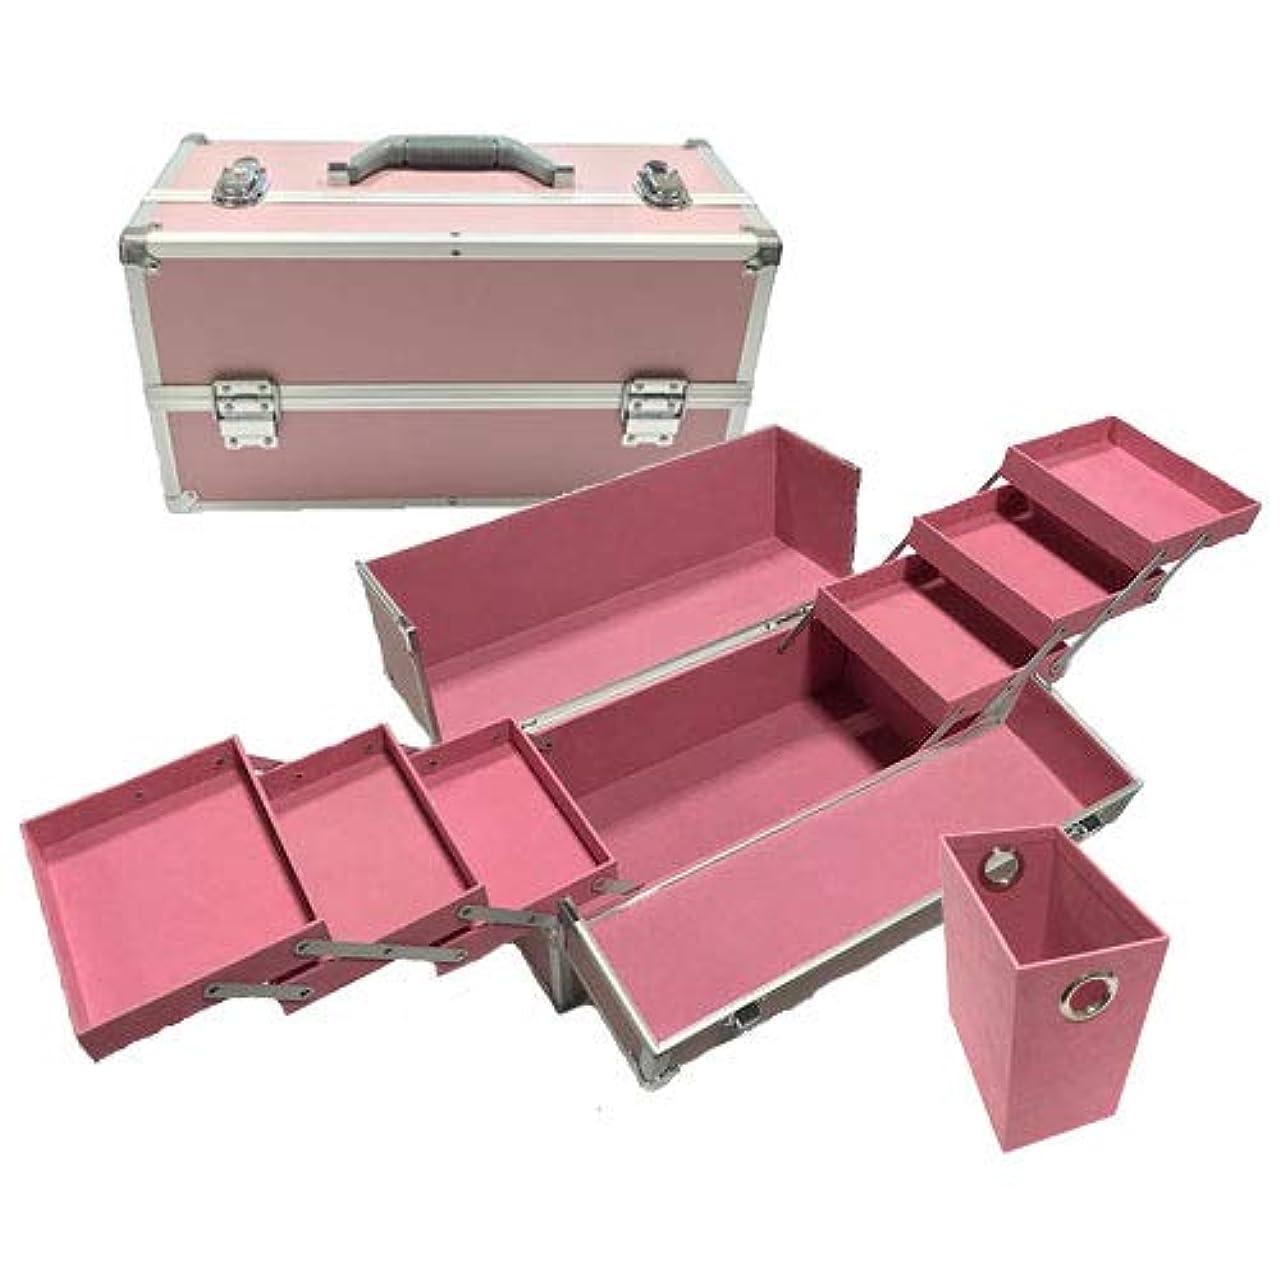 節約する勇敢な不定リライアブル コスメボックス ワイド RB203-PP 鍵付き プロ仕様 メイクボックス 大容量 化粧品収納 小物入れ 6段トレー ベロア メイクケース コスメBOX 持ち運び ネイルケース